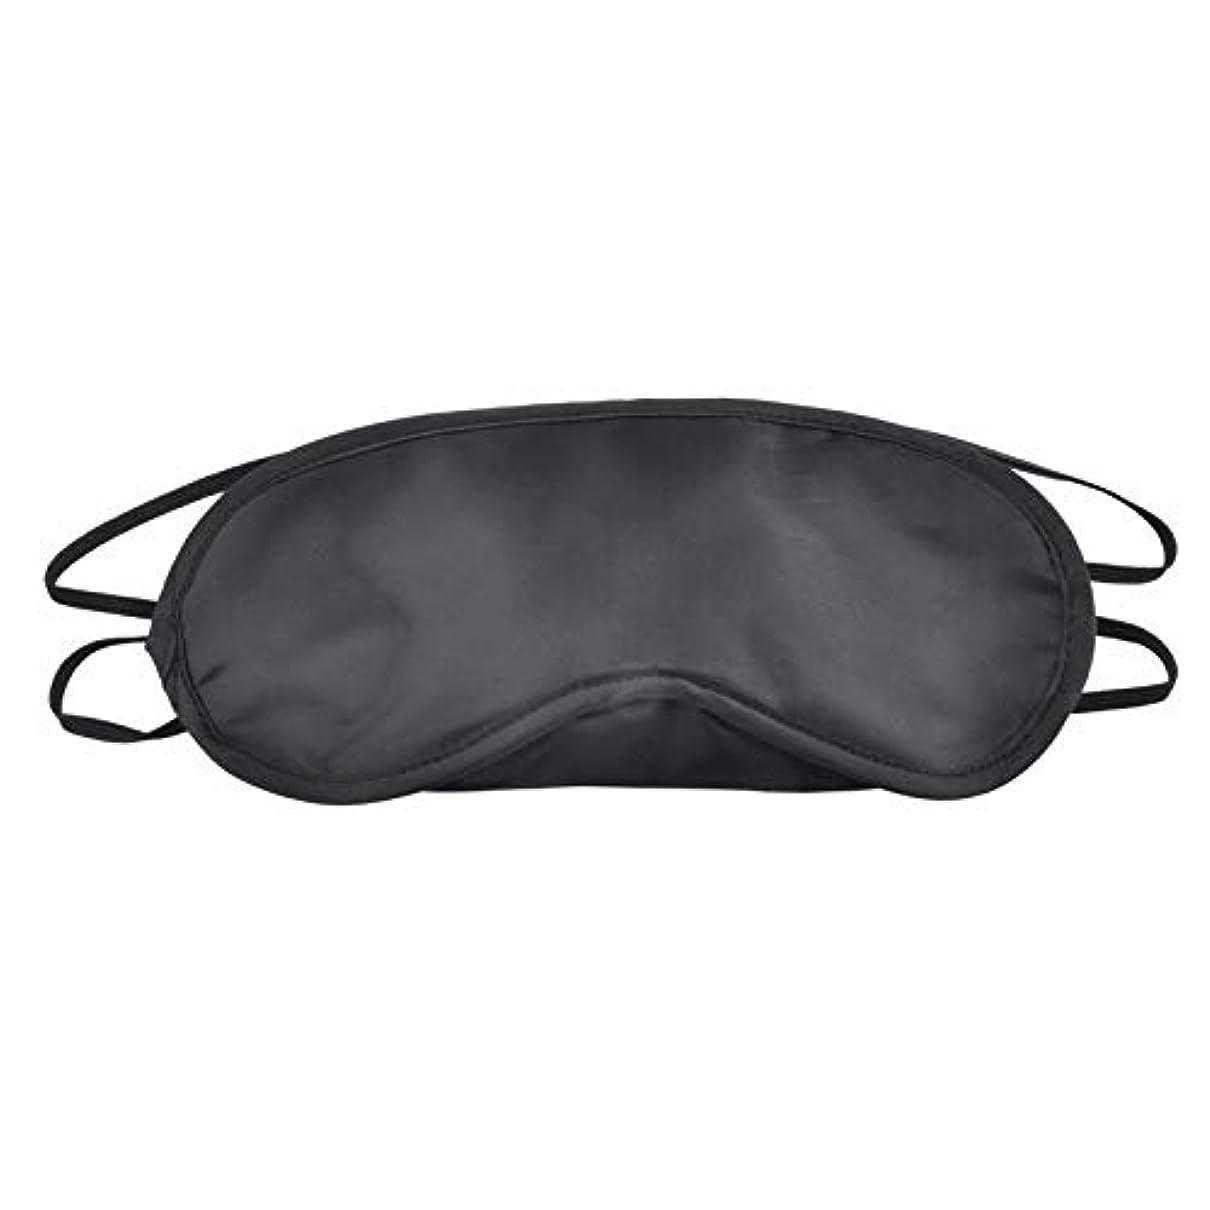 療法学んだ口径NOTE ブラックアイマスクシェードナップカバー目隠しマスク用睡眠旅行ソフトポリエステルマスク